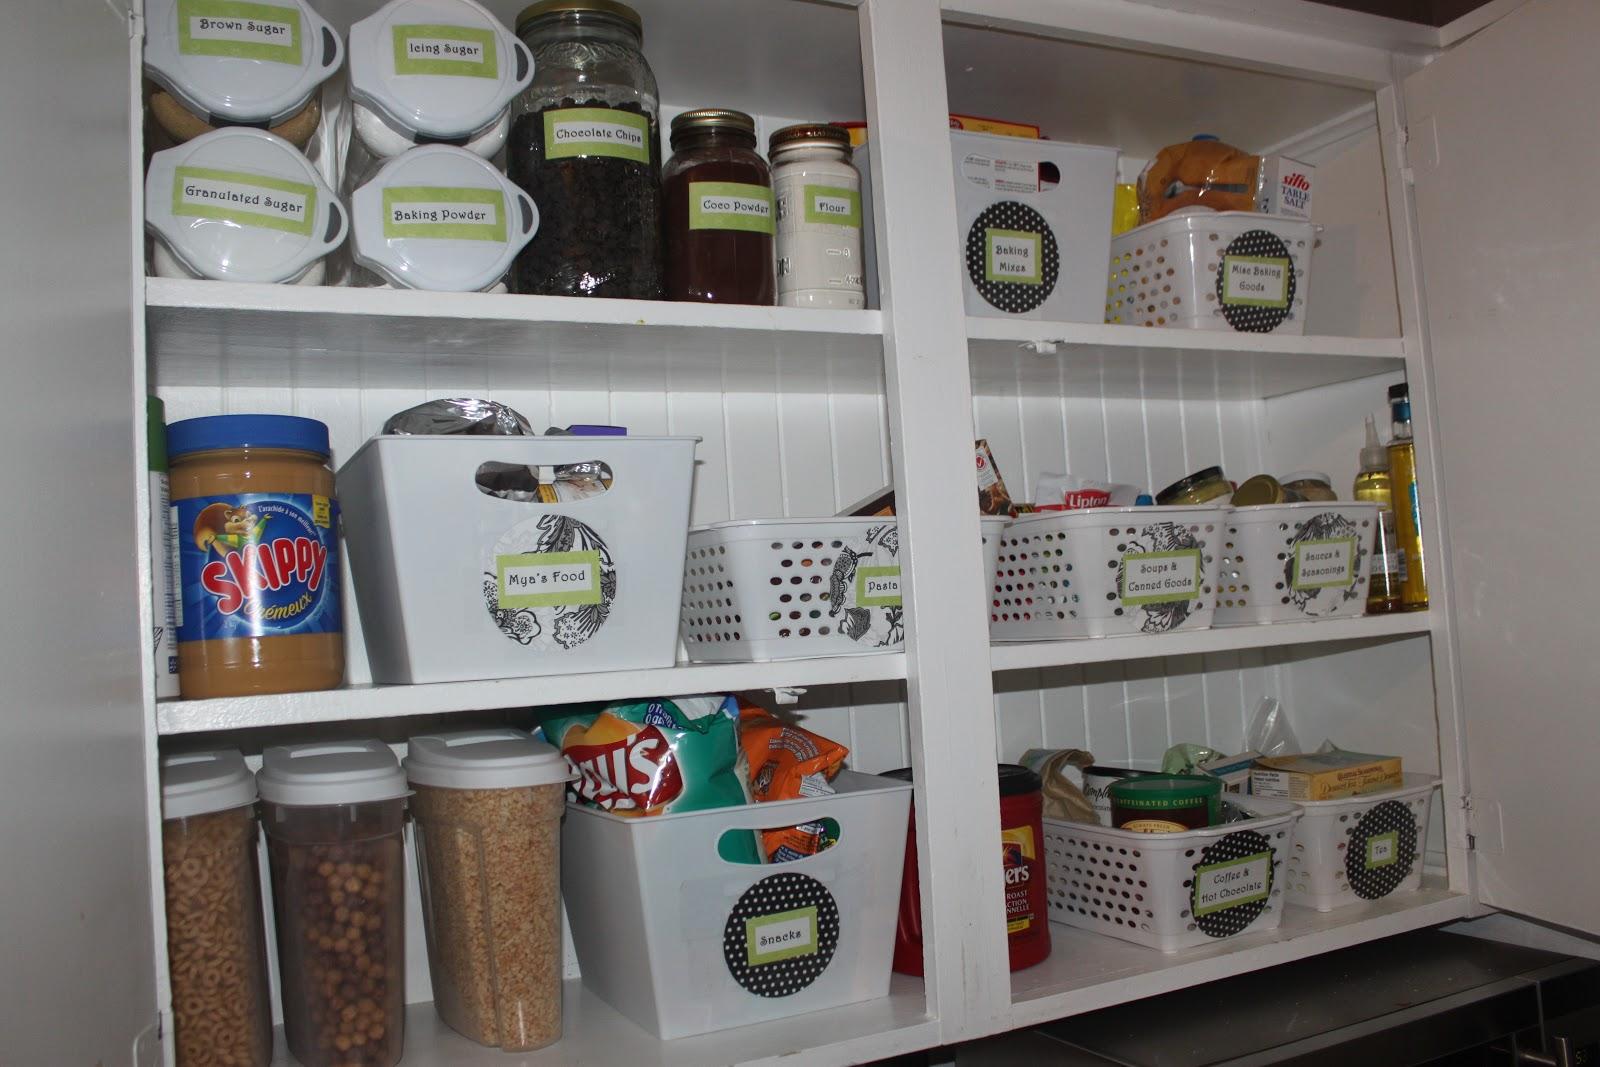 Ahh...organized Kitchen Cupboards